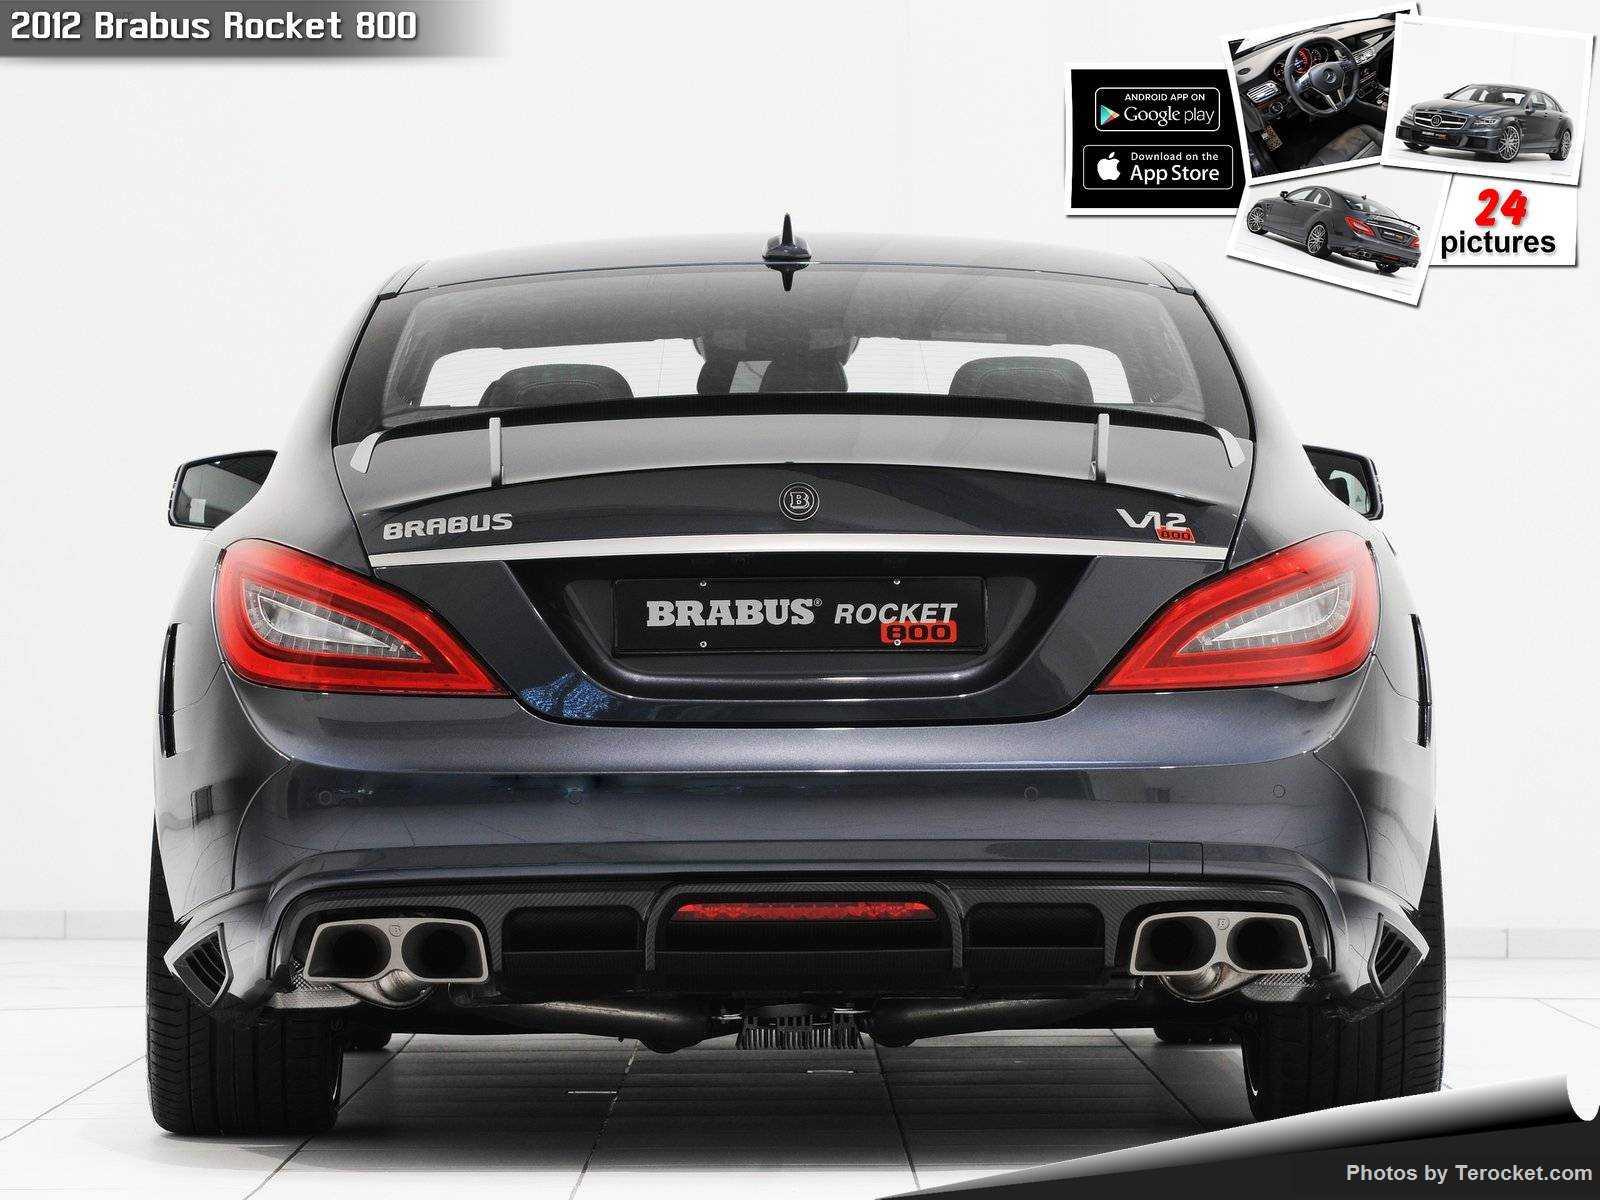 Hình ảnh xe ô tô Brabus Rocket 800 2012 & nội ngoại thất